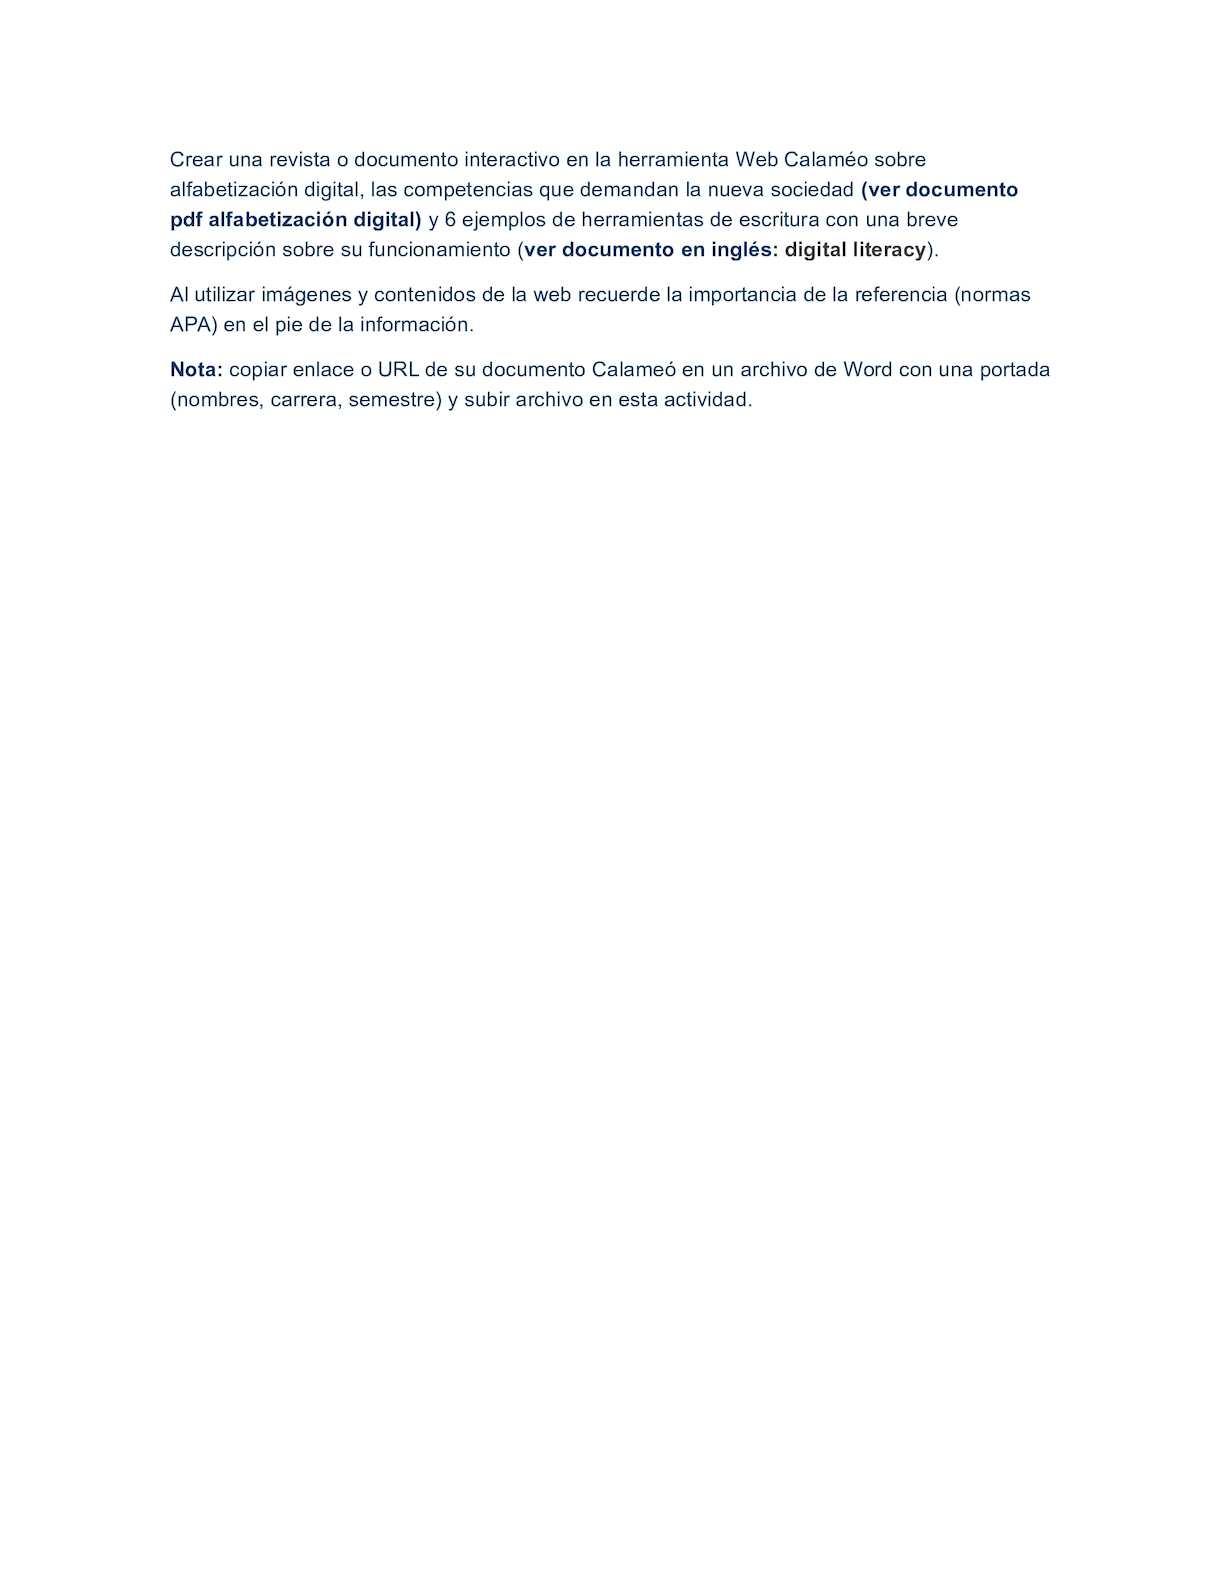 Calaméo - Crear Una Revista O Documento Interactivo En La ...